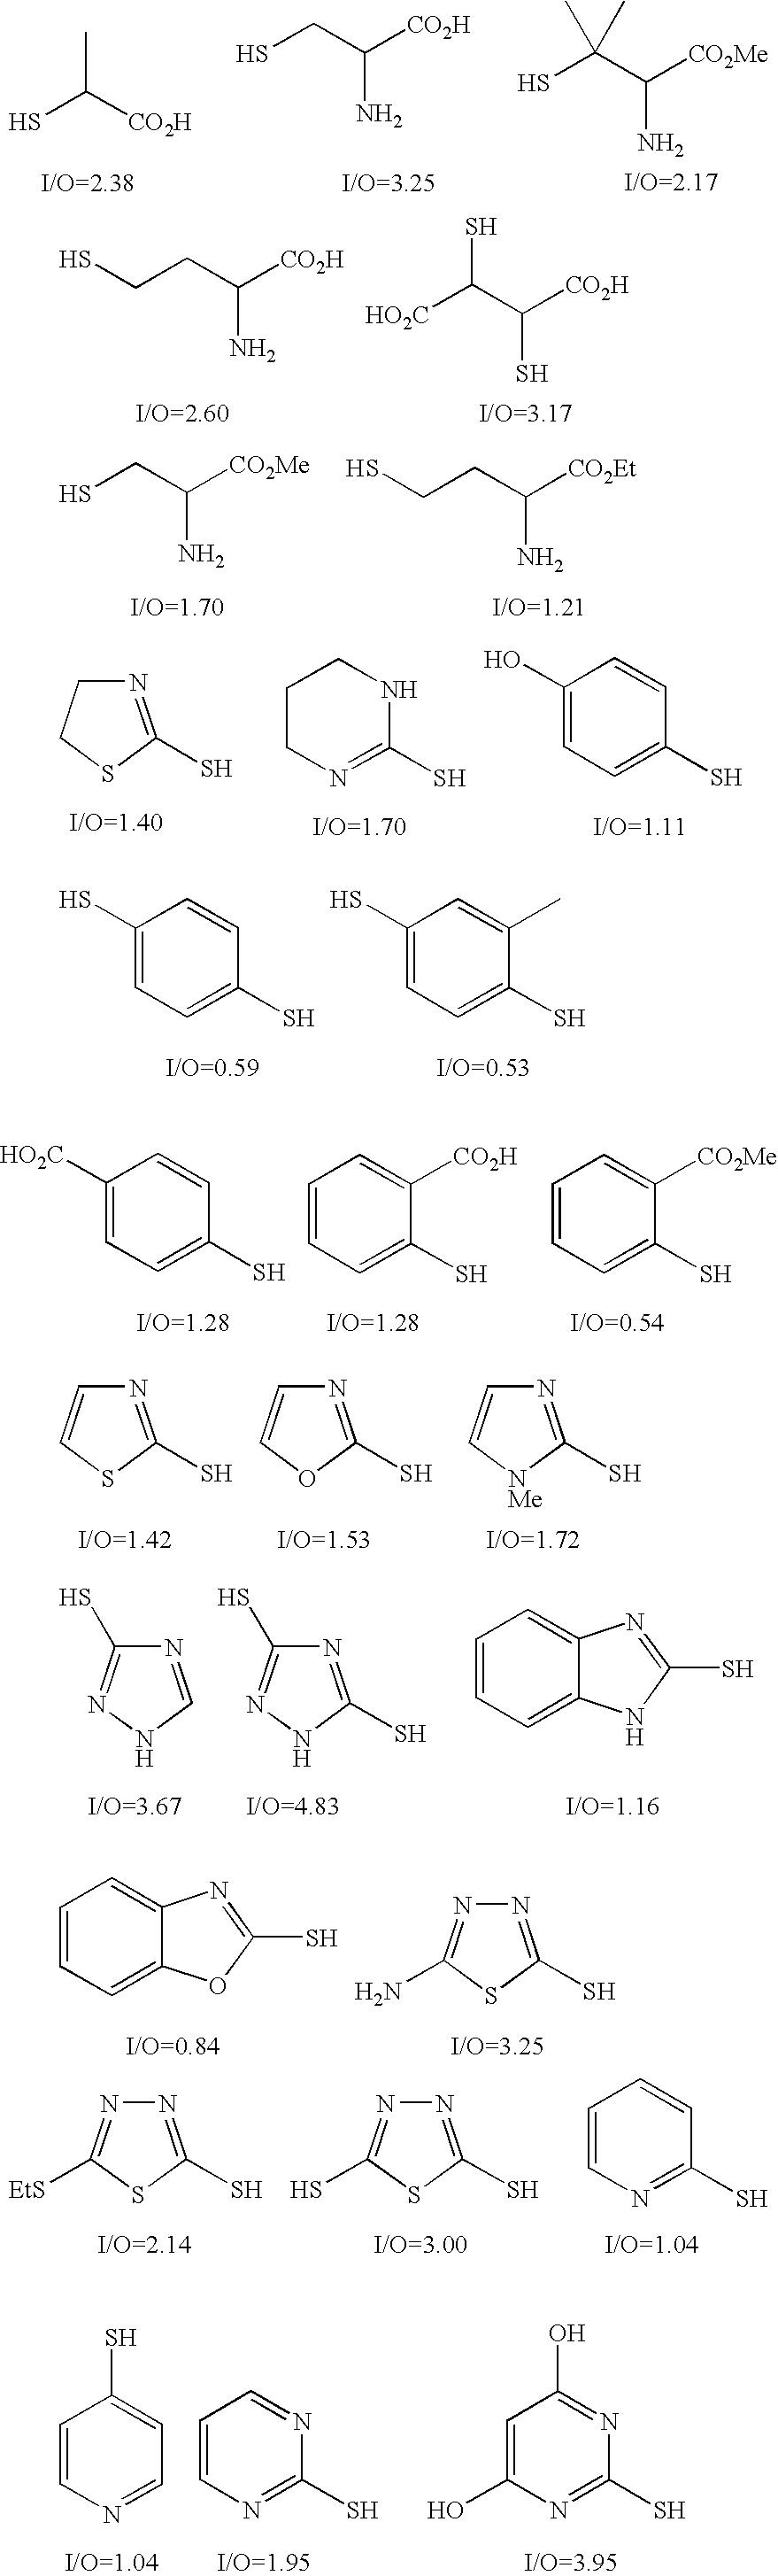 Figure US20050158489A1-20050721-C00007